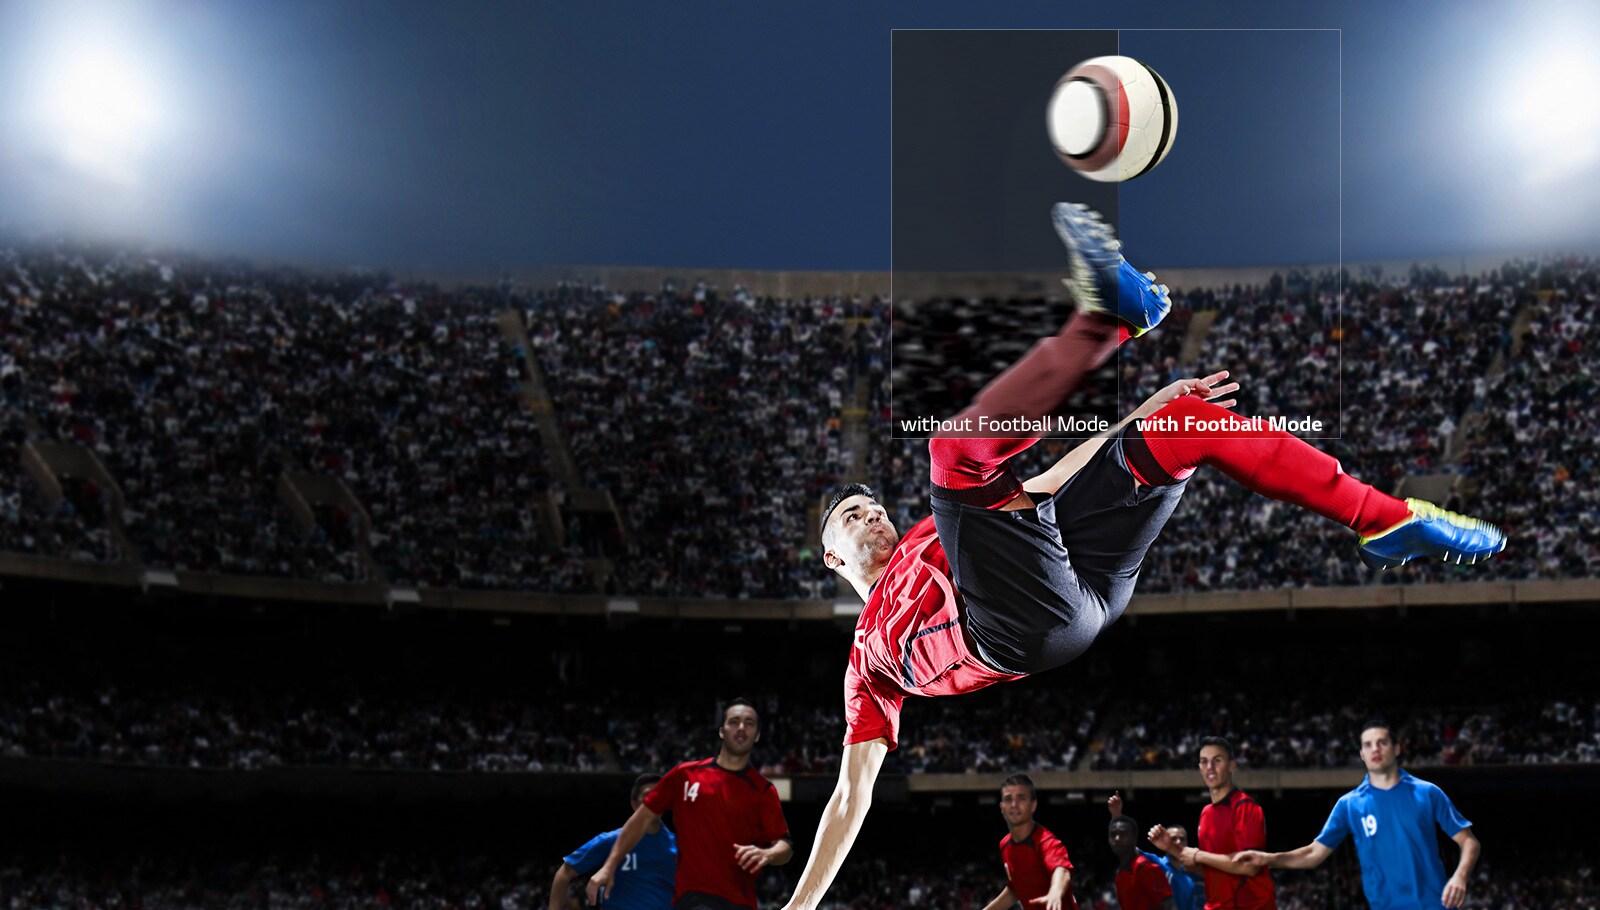 01_UK61_A_Football_Mode_D